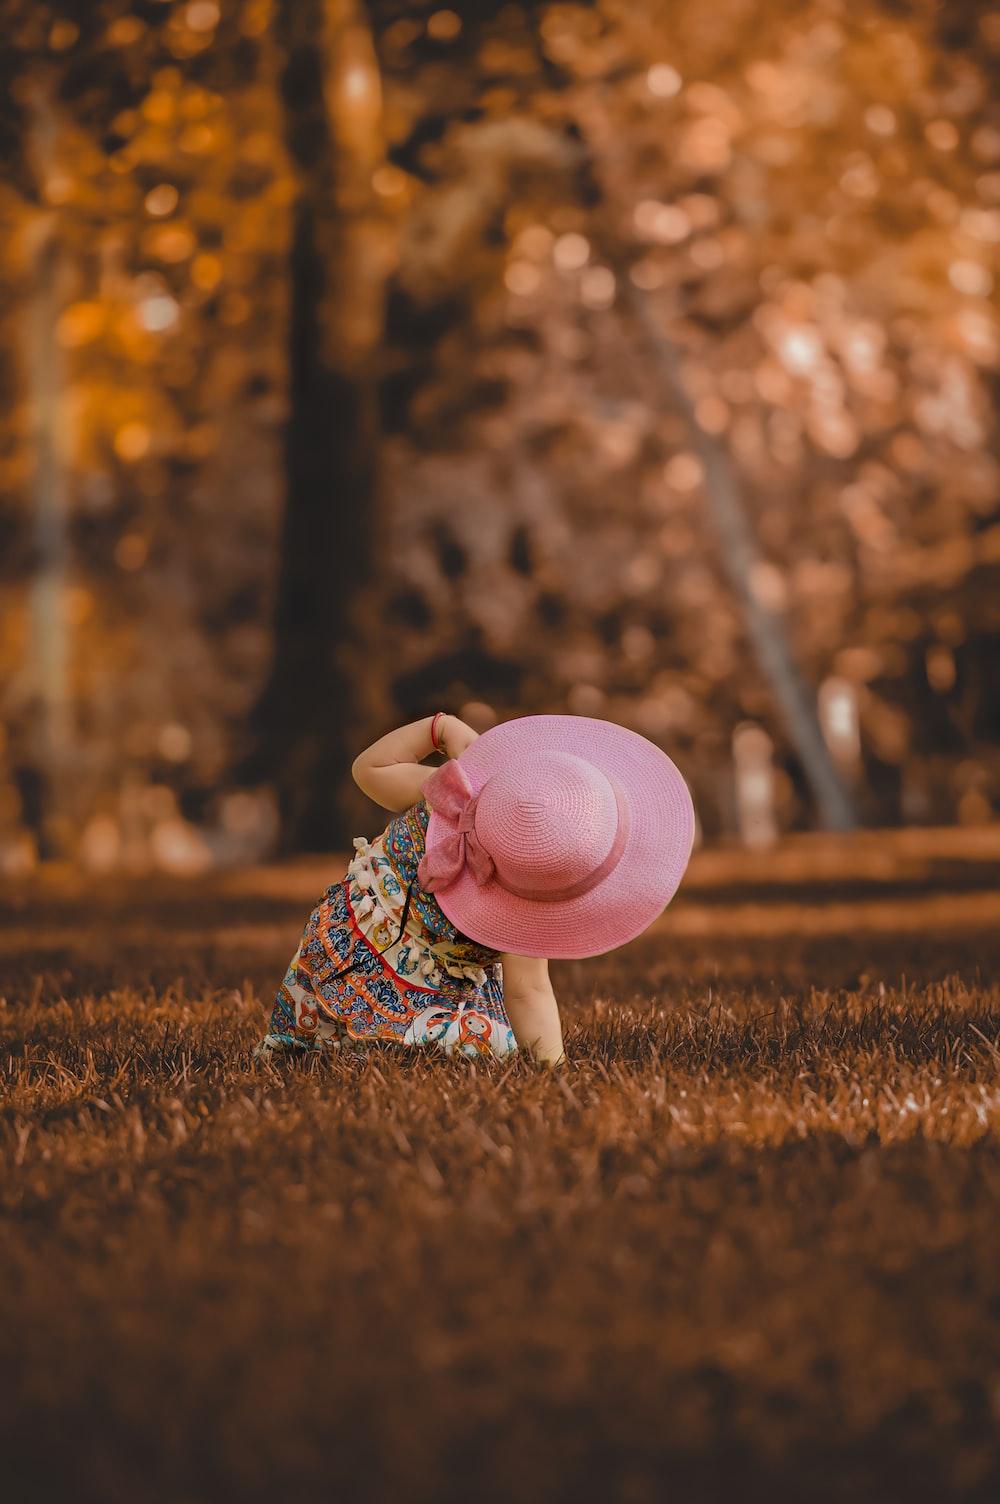 girl wearing pink hat